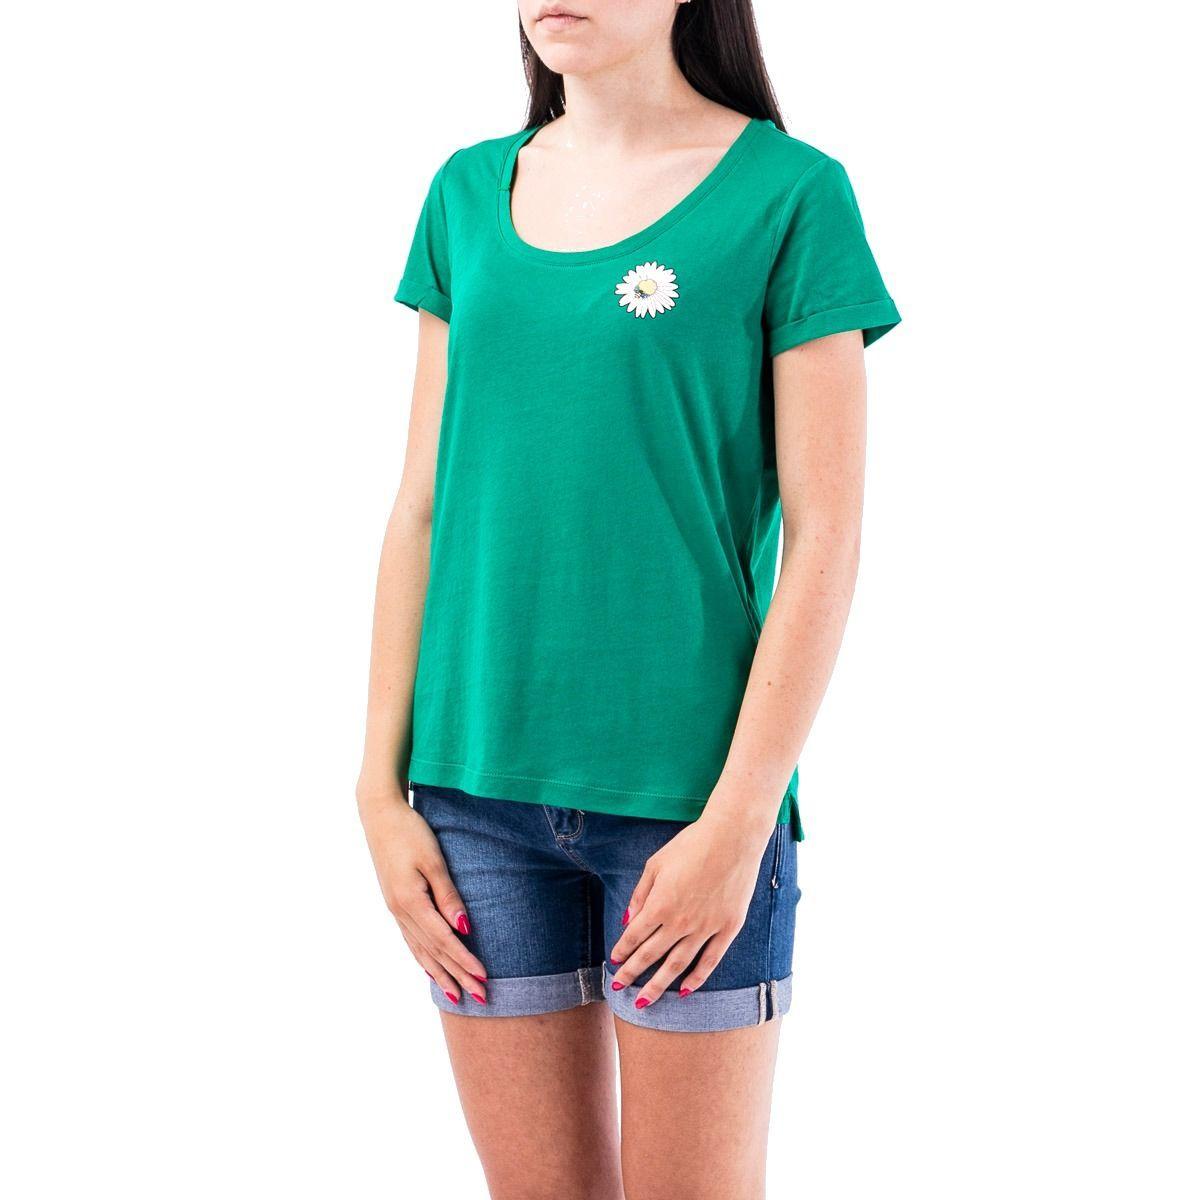 SUN 68 WOMEN'S T3021627 GREEN COTTON T-SHIRT